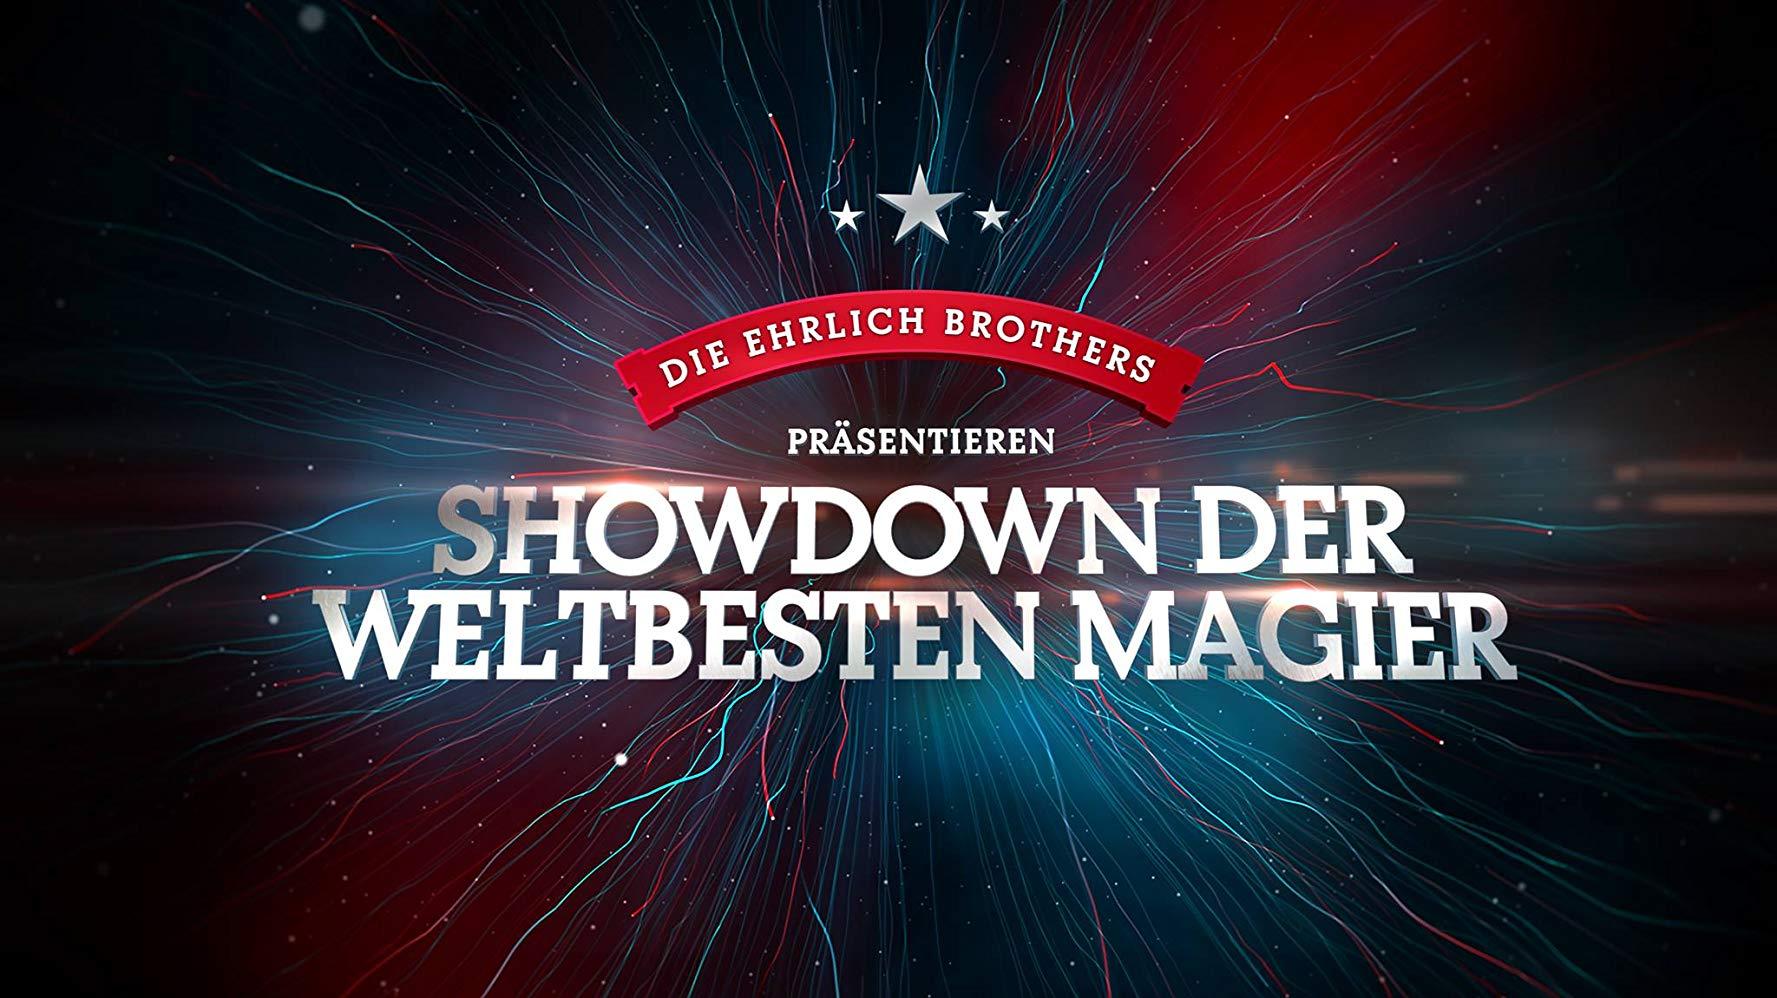 Die Ehrlich Brothers präsentieren Showdown der weltbesten Magier.jpg